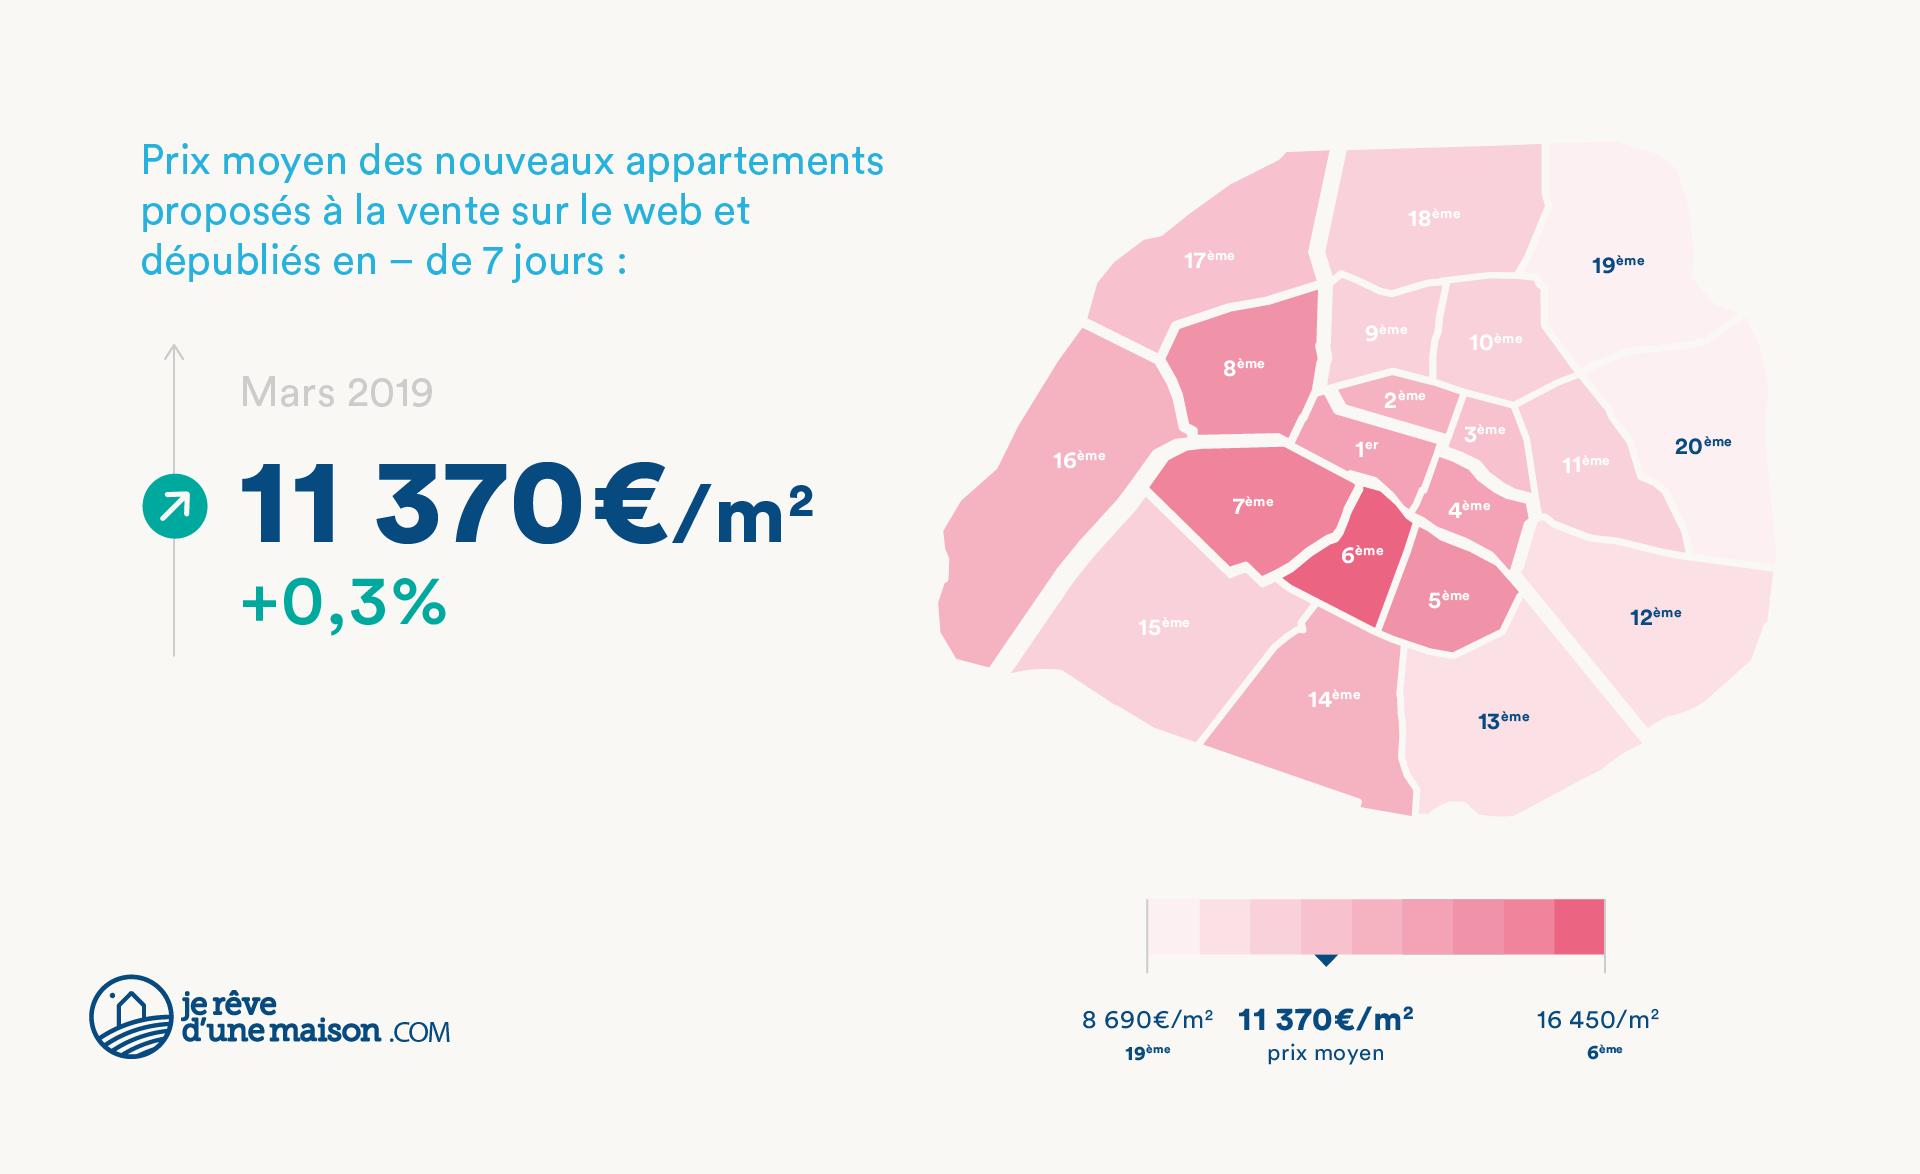 [AVRIL 2019] BAROMÈTRE IMMOSCAN™ - PRIX DE L'IMMOBILIER À PARIS CÔTÉ ACHETEUR